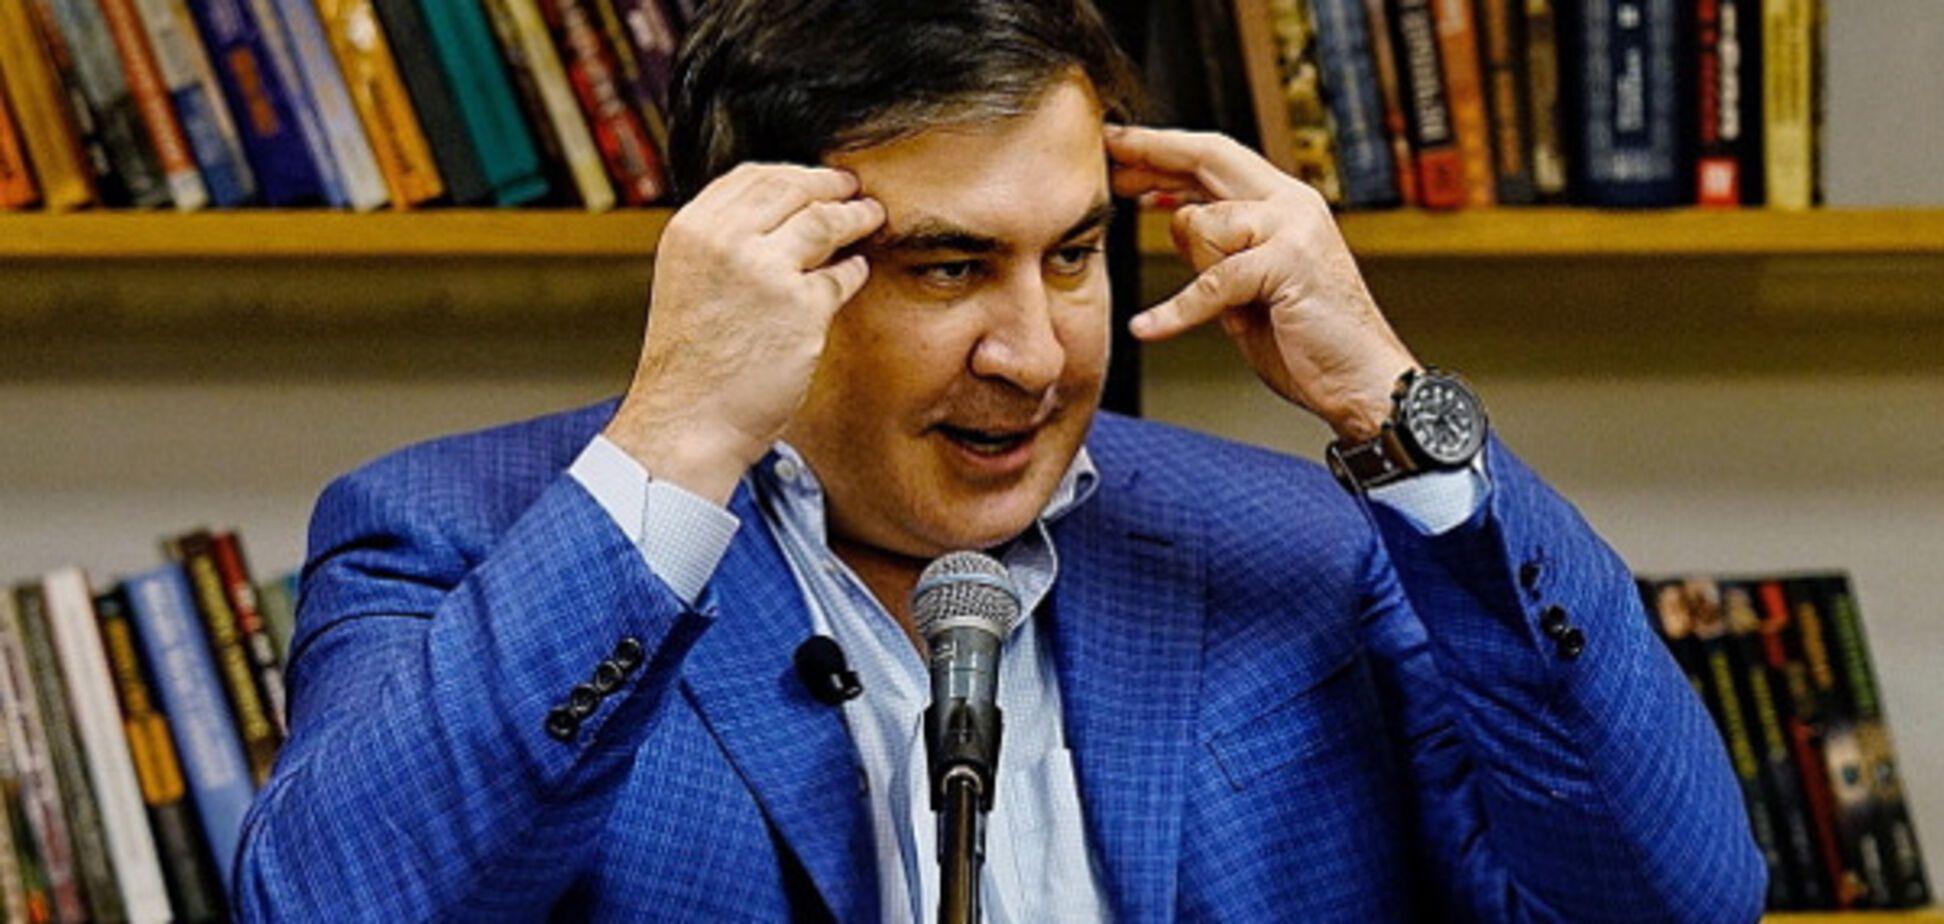 'Неприкрытый живот': видео с Саакашвили взбудоражило соцсети